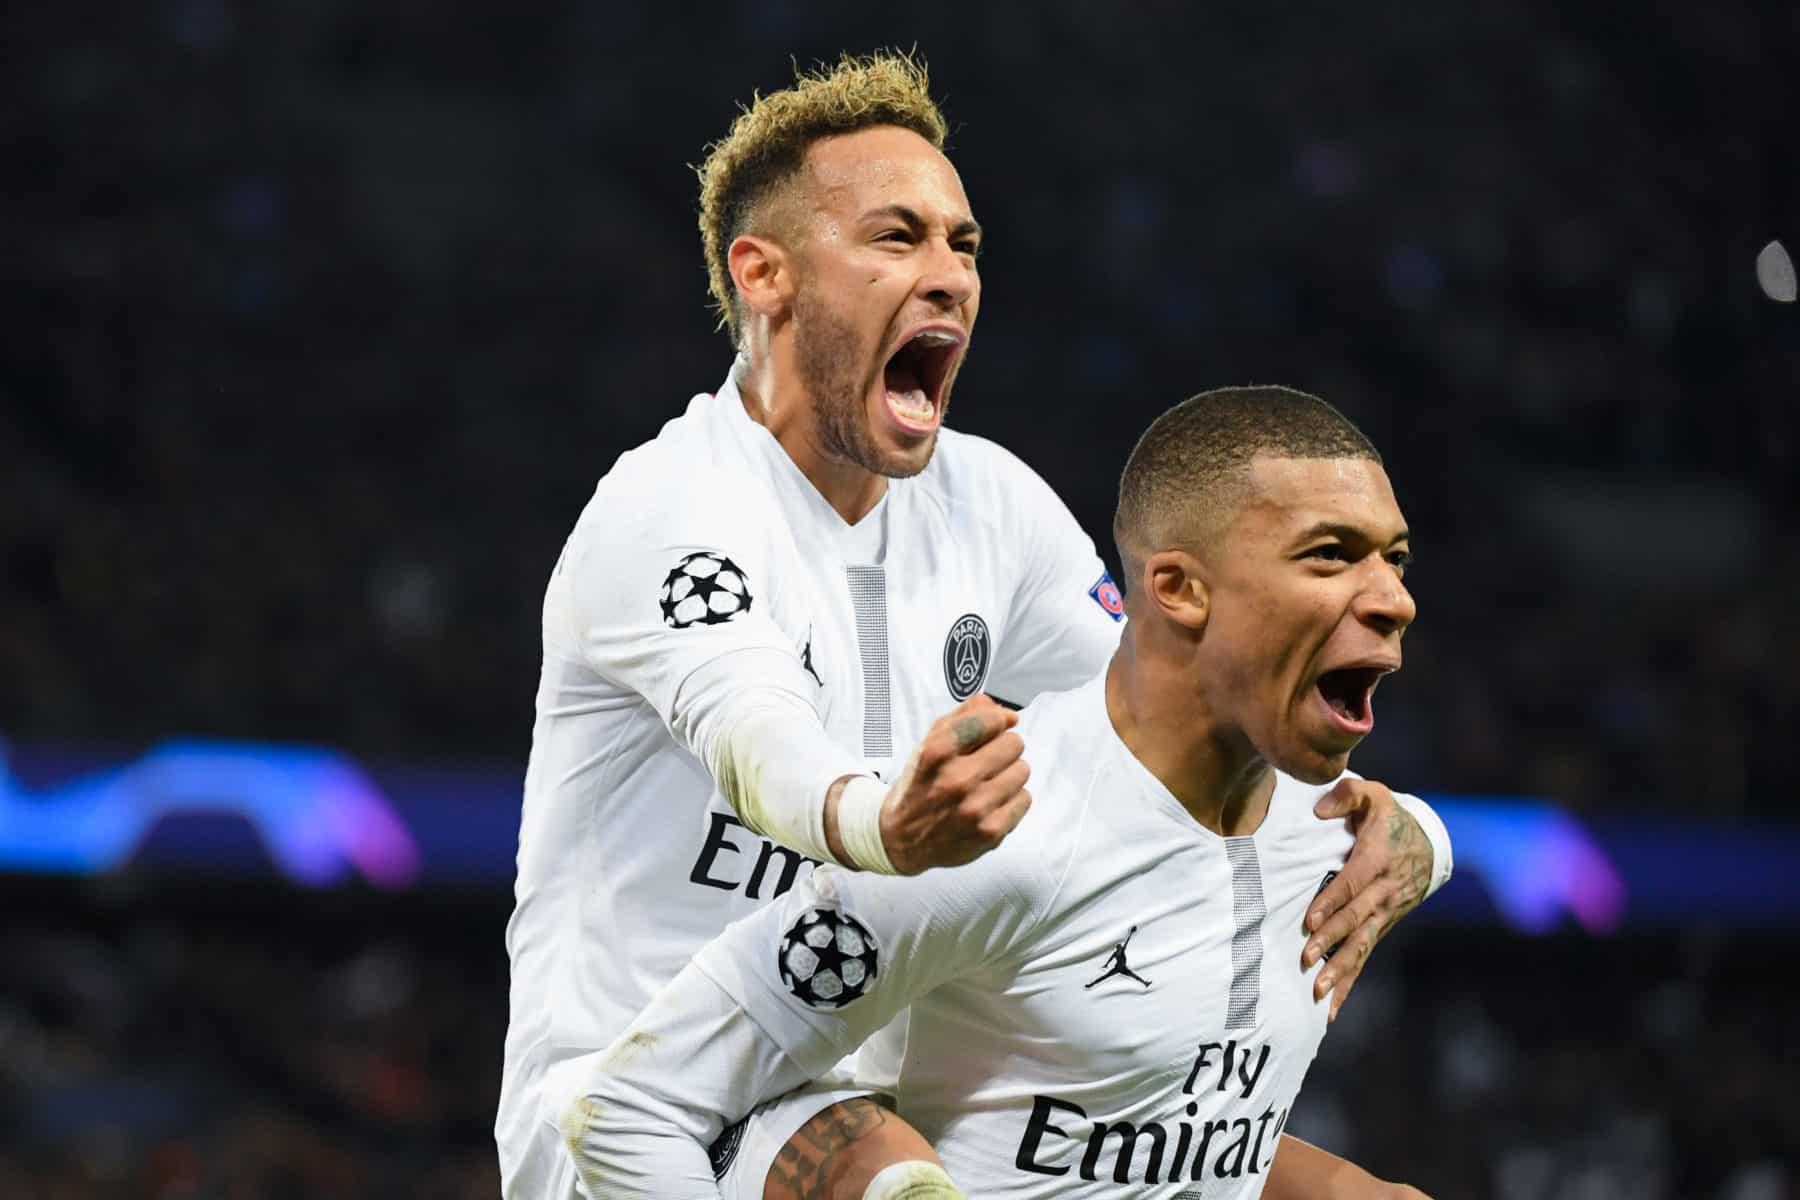 PSG : Les Parisiens se font des films avant d'affronter le Barça - FootRadio.com